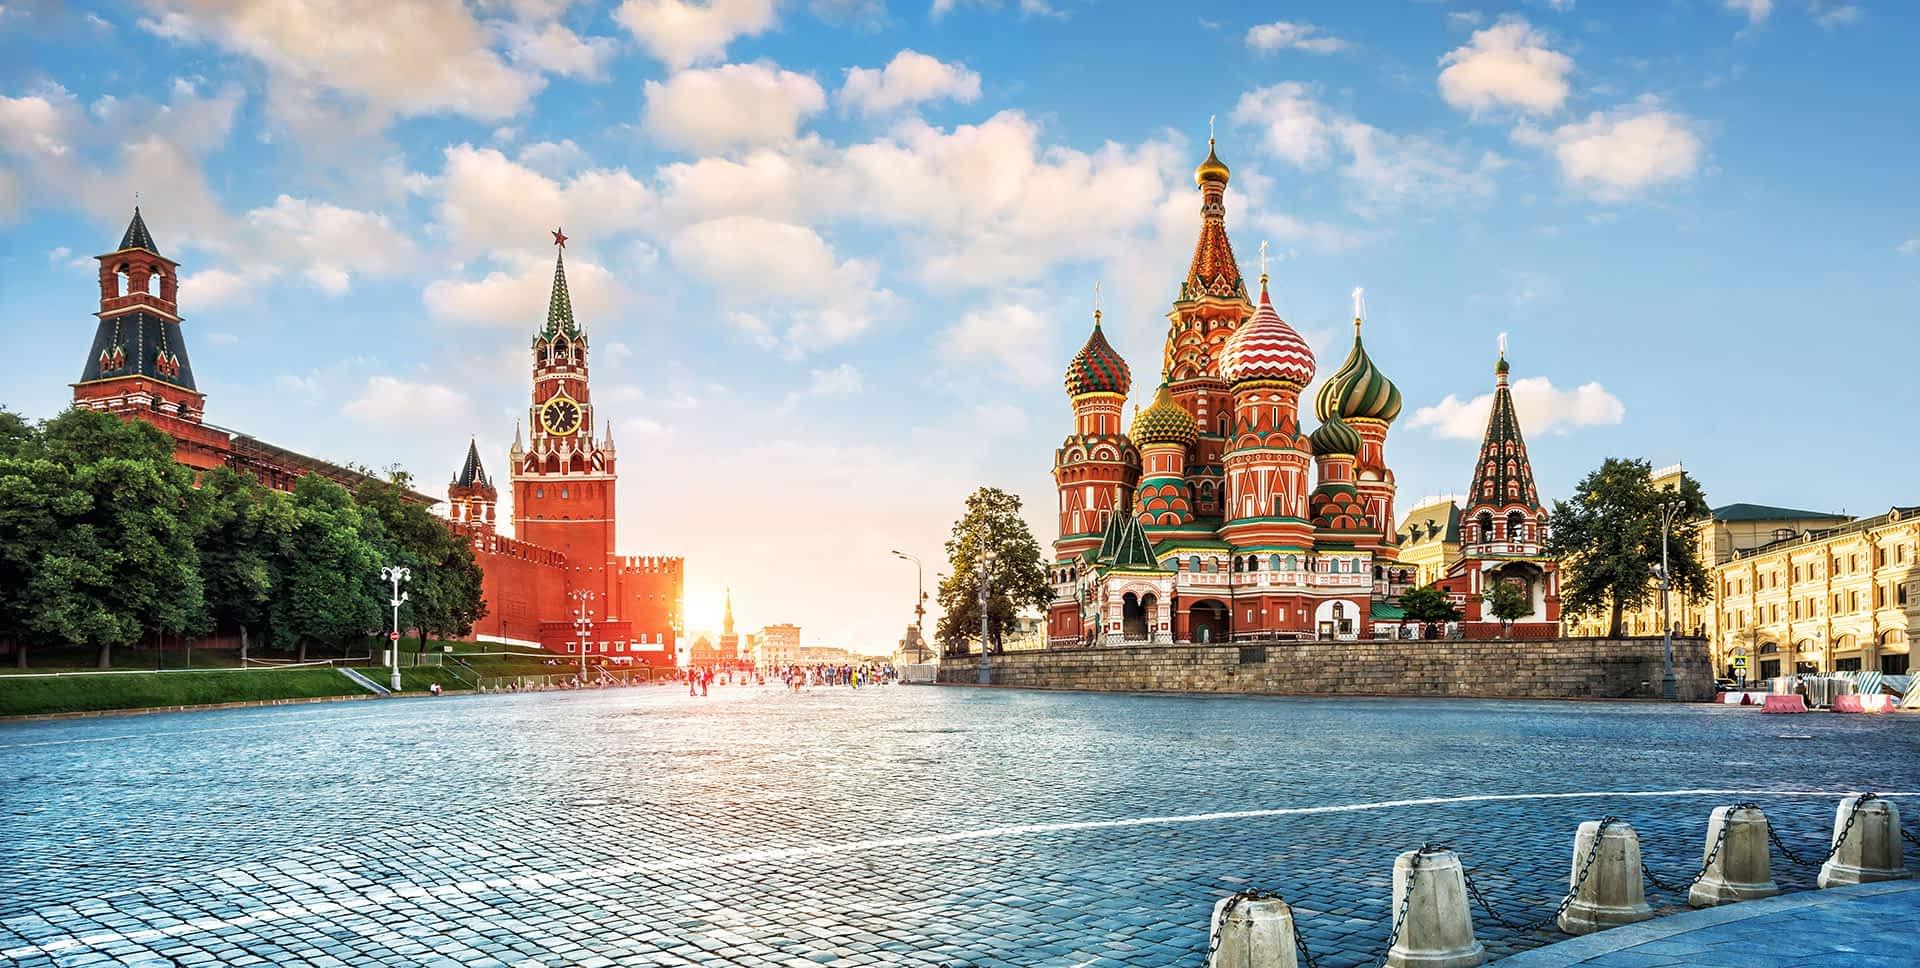 Moskau vom Roten Platz